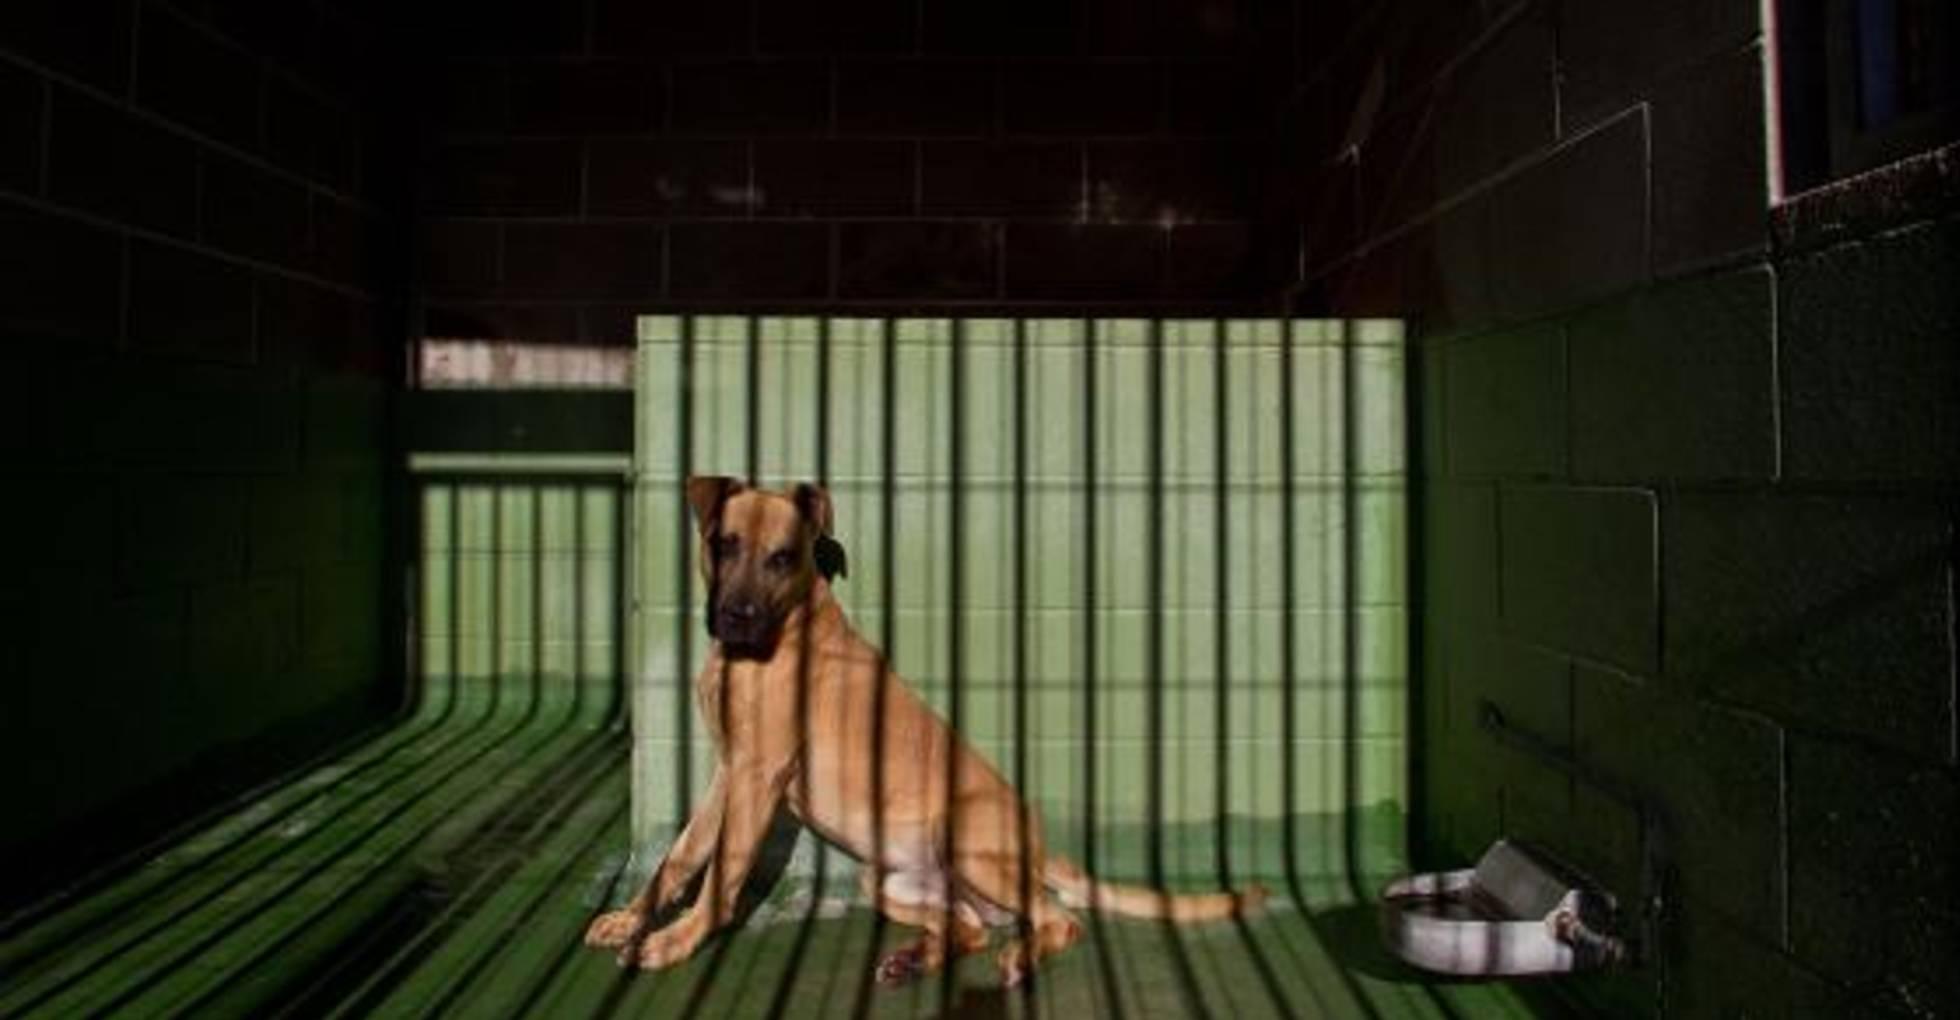 Los tribunales son cada vez más severos con los maltratadores de animales